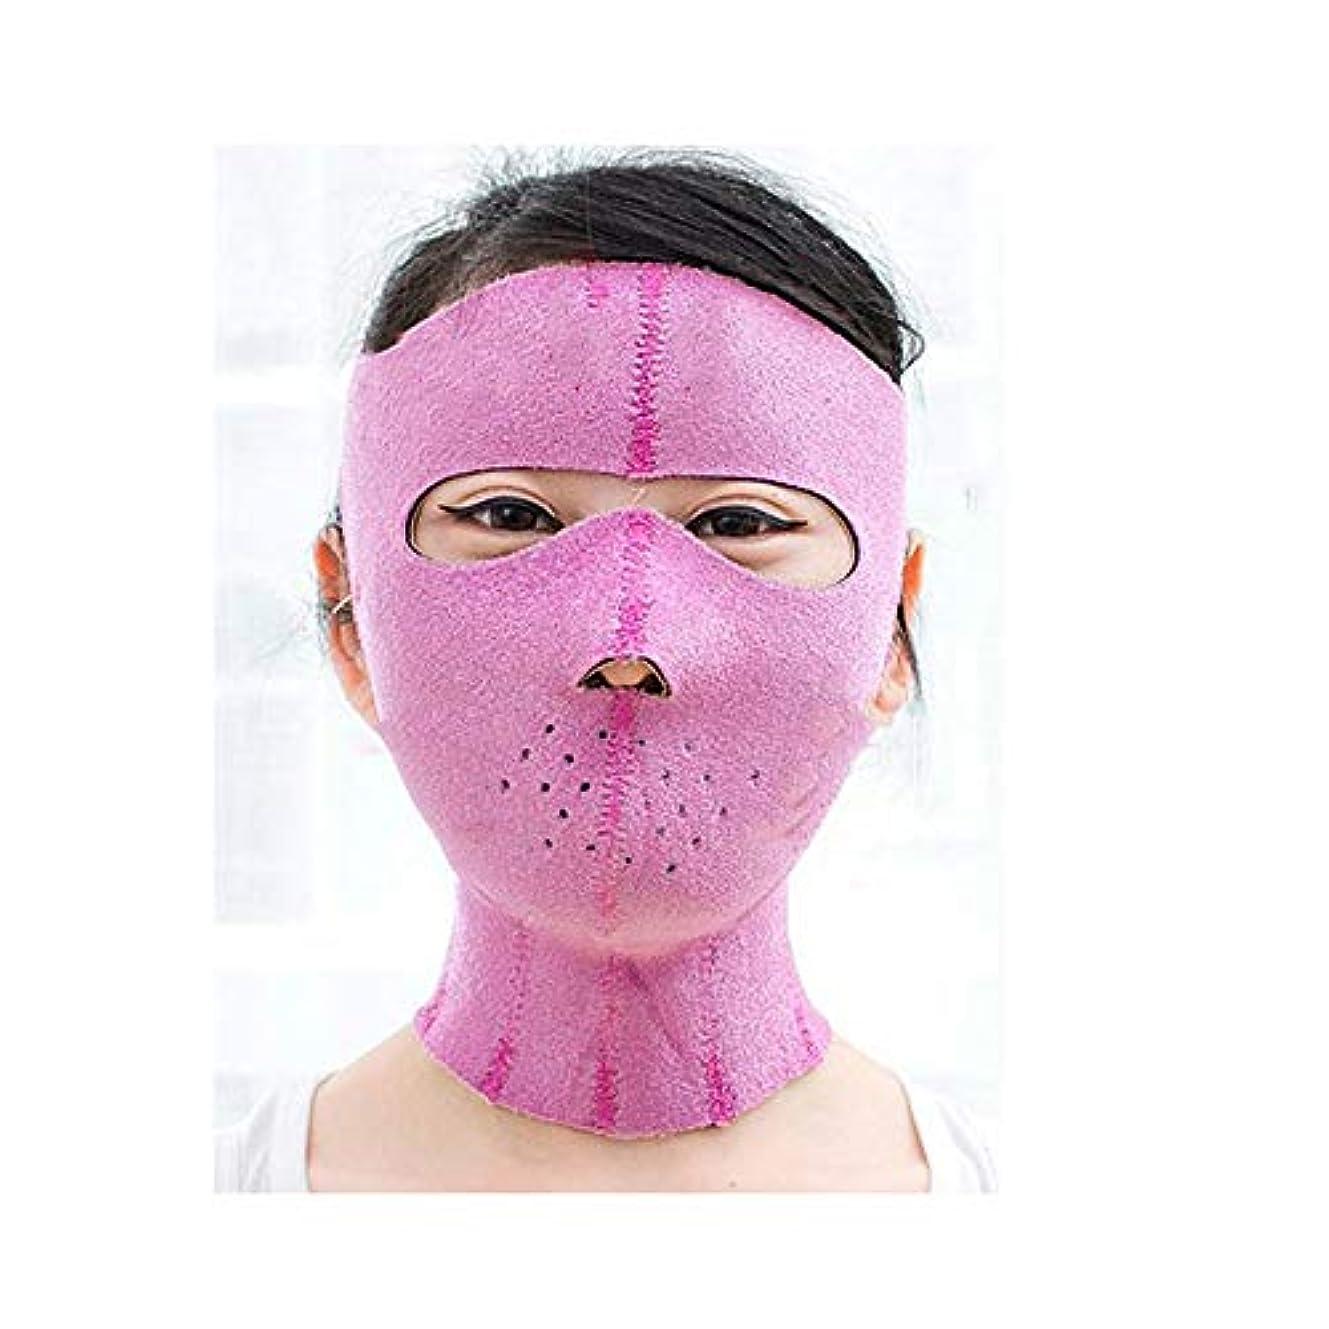 化粧雑種反抗フェイスリフティングサウナマスク、ウィッキングフェイス包帯/スモールフェイスアーチファクト/フェイスマスク(ピンク)